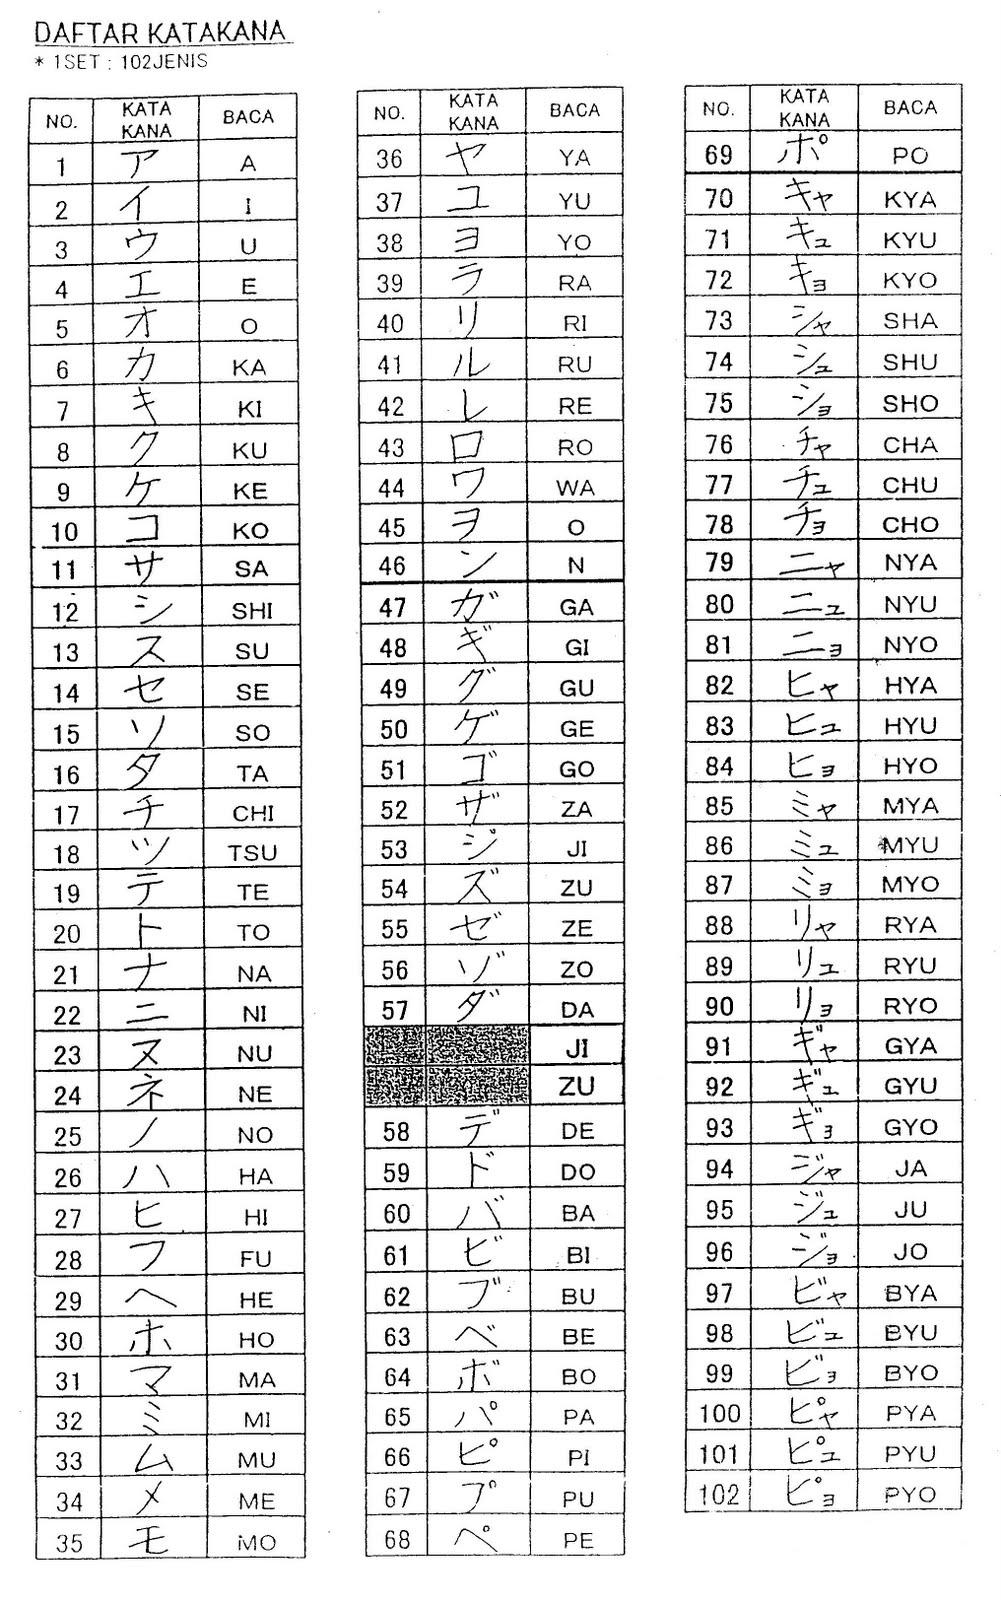 1122021 tes ini berfungsi untuk mengungkap seberapa bagus tingkat intelektual anda terutama dalam hal kemampuan nalar berhitung dan berpikir secara logis. Soal Tes Matematika Im Japan Siswapelajar Com